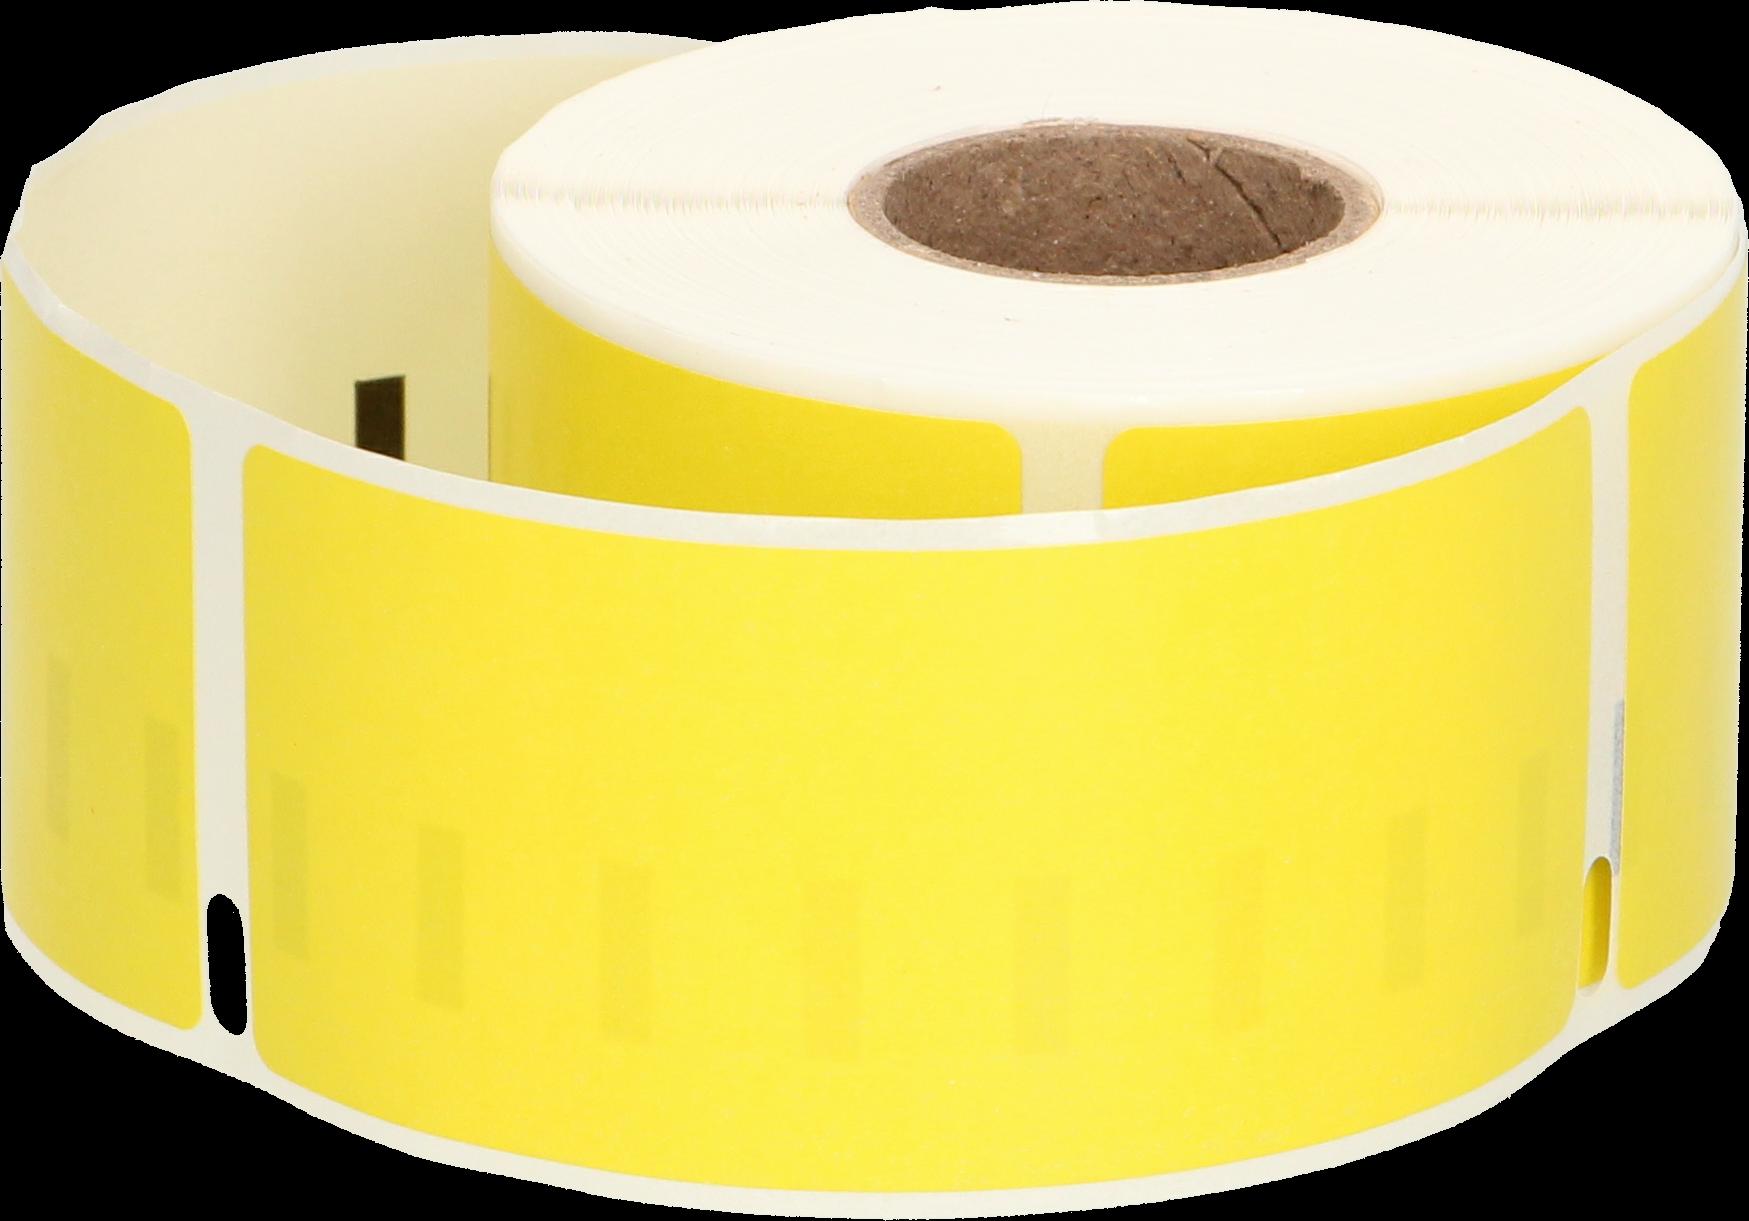 Huismerk Dymo 99012 adreslabel breed geel